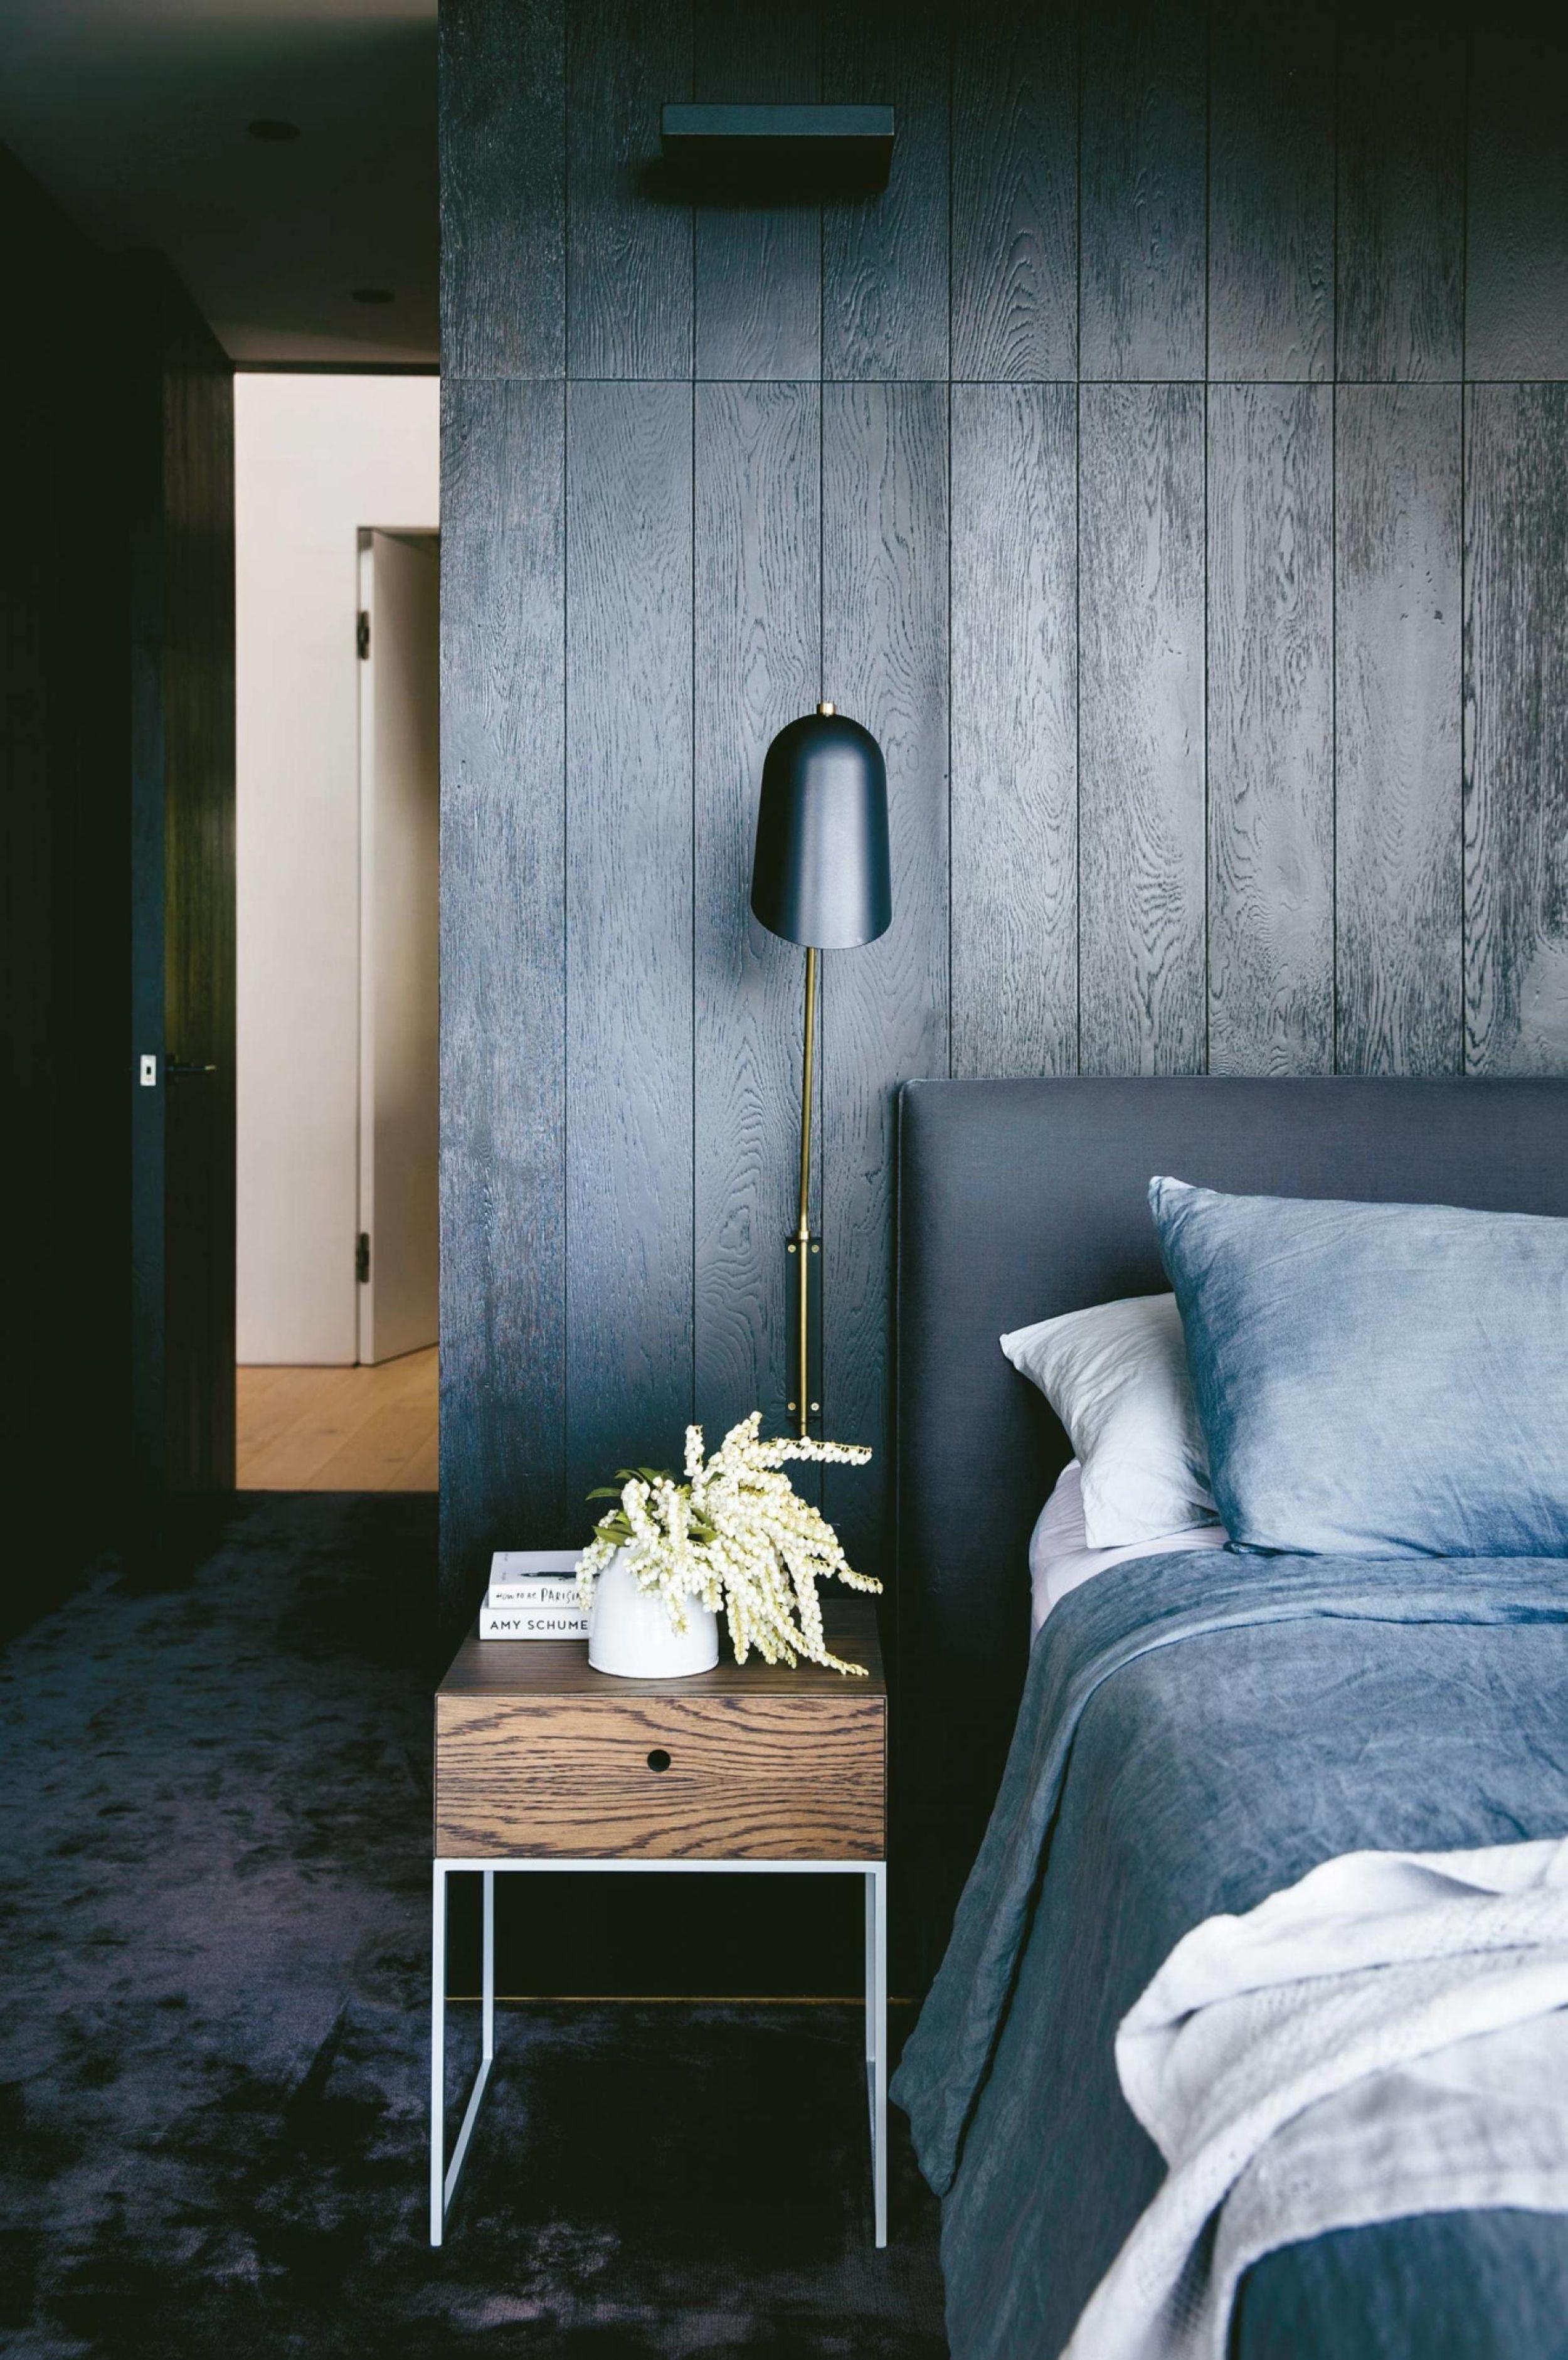 Color Inspiration For The Cabin Home decor, Interior, Decor